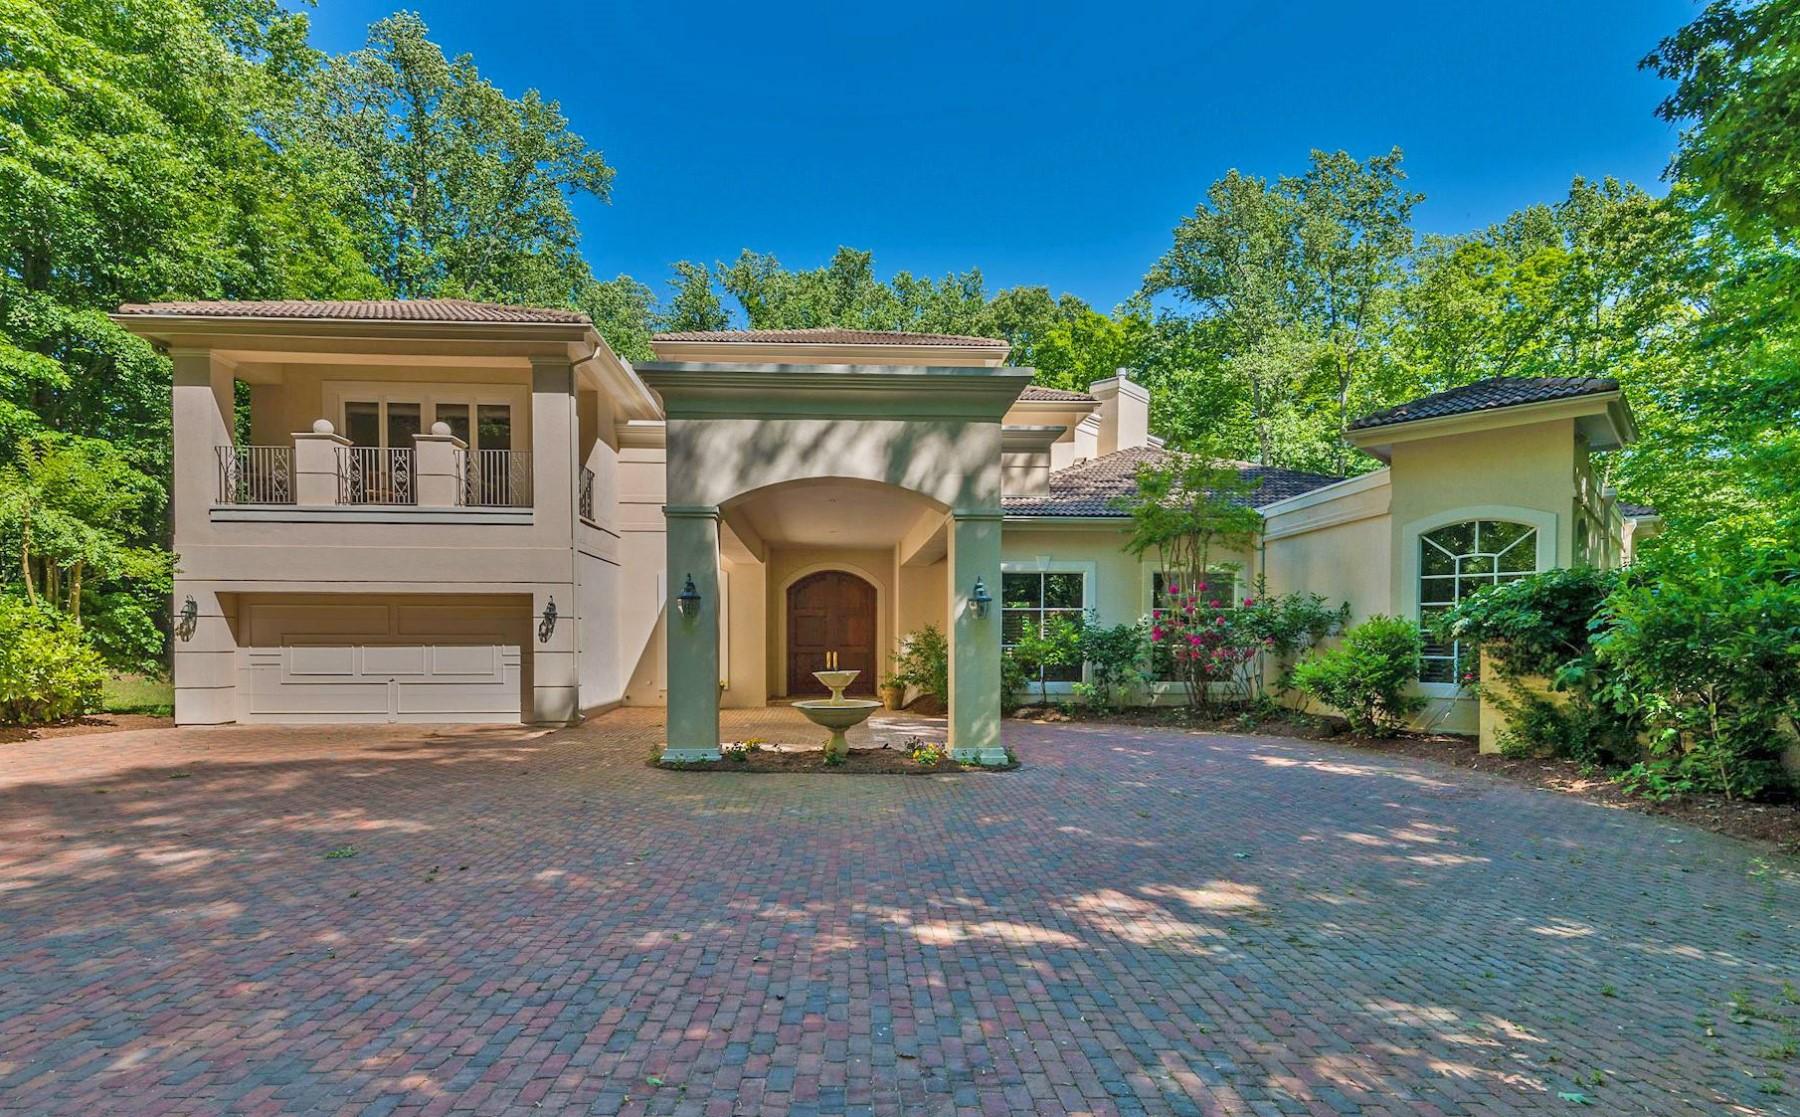 Μονοκατοικία για την Πώληση στο 1367 Morgans Ridge Lane, Crownsville 1367 Morgans Ridge Ln Crownsville, Μεριλαντ 21032 Ηνωμενεσ Πολιτειεσ